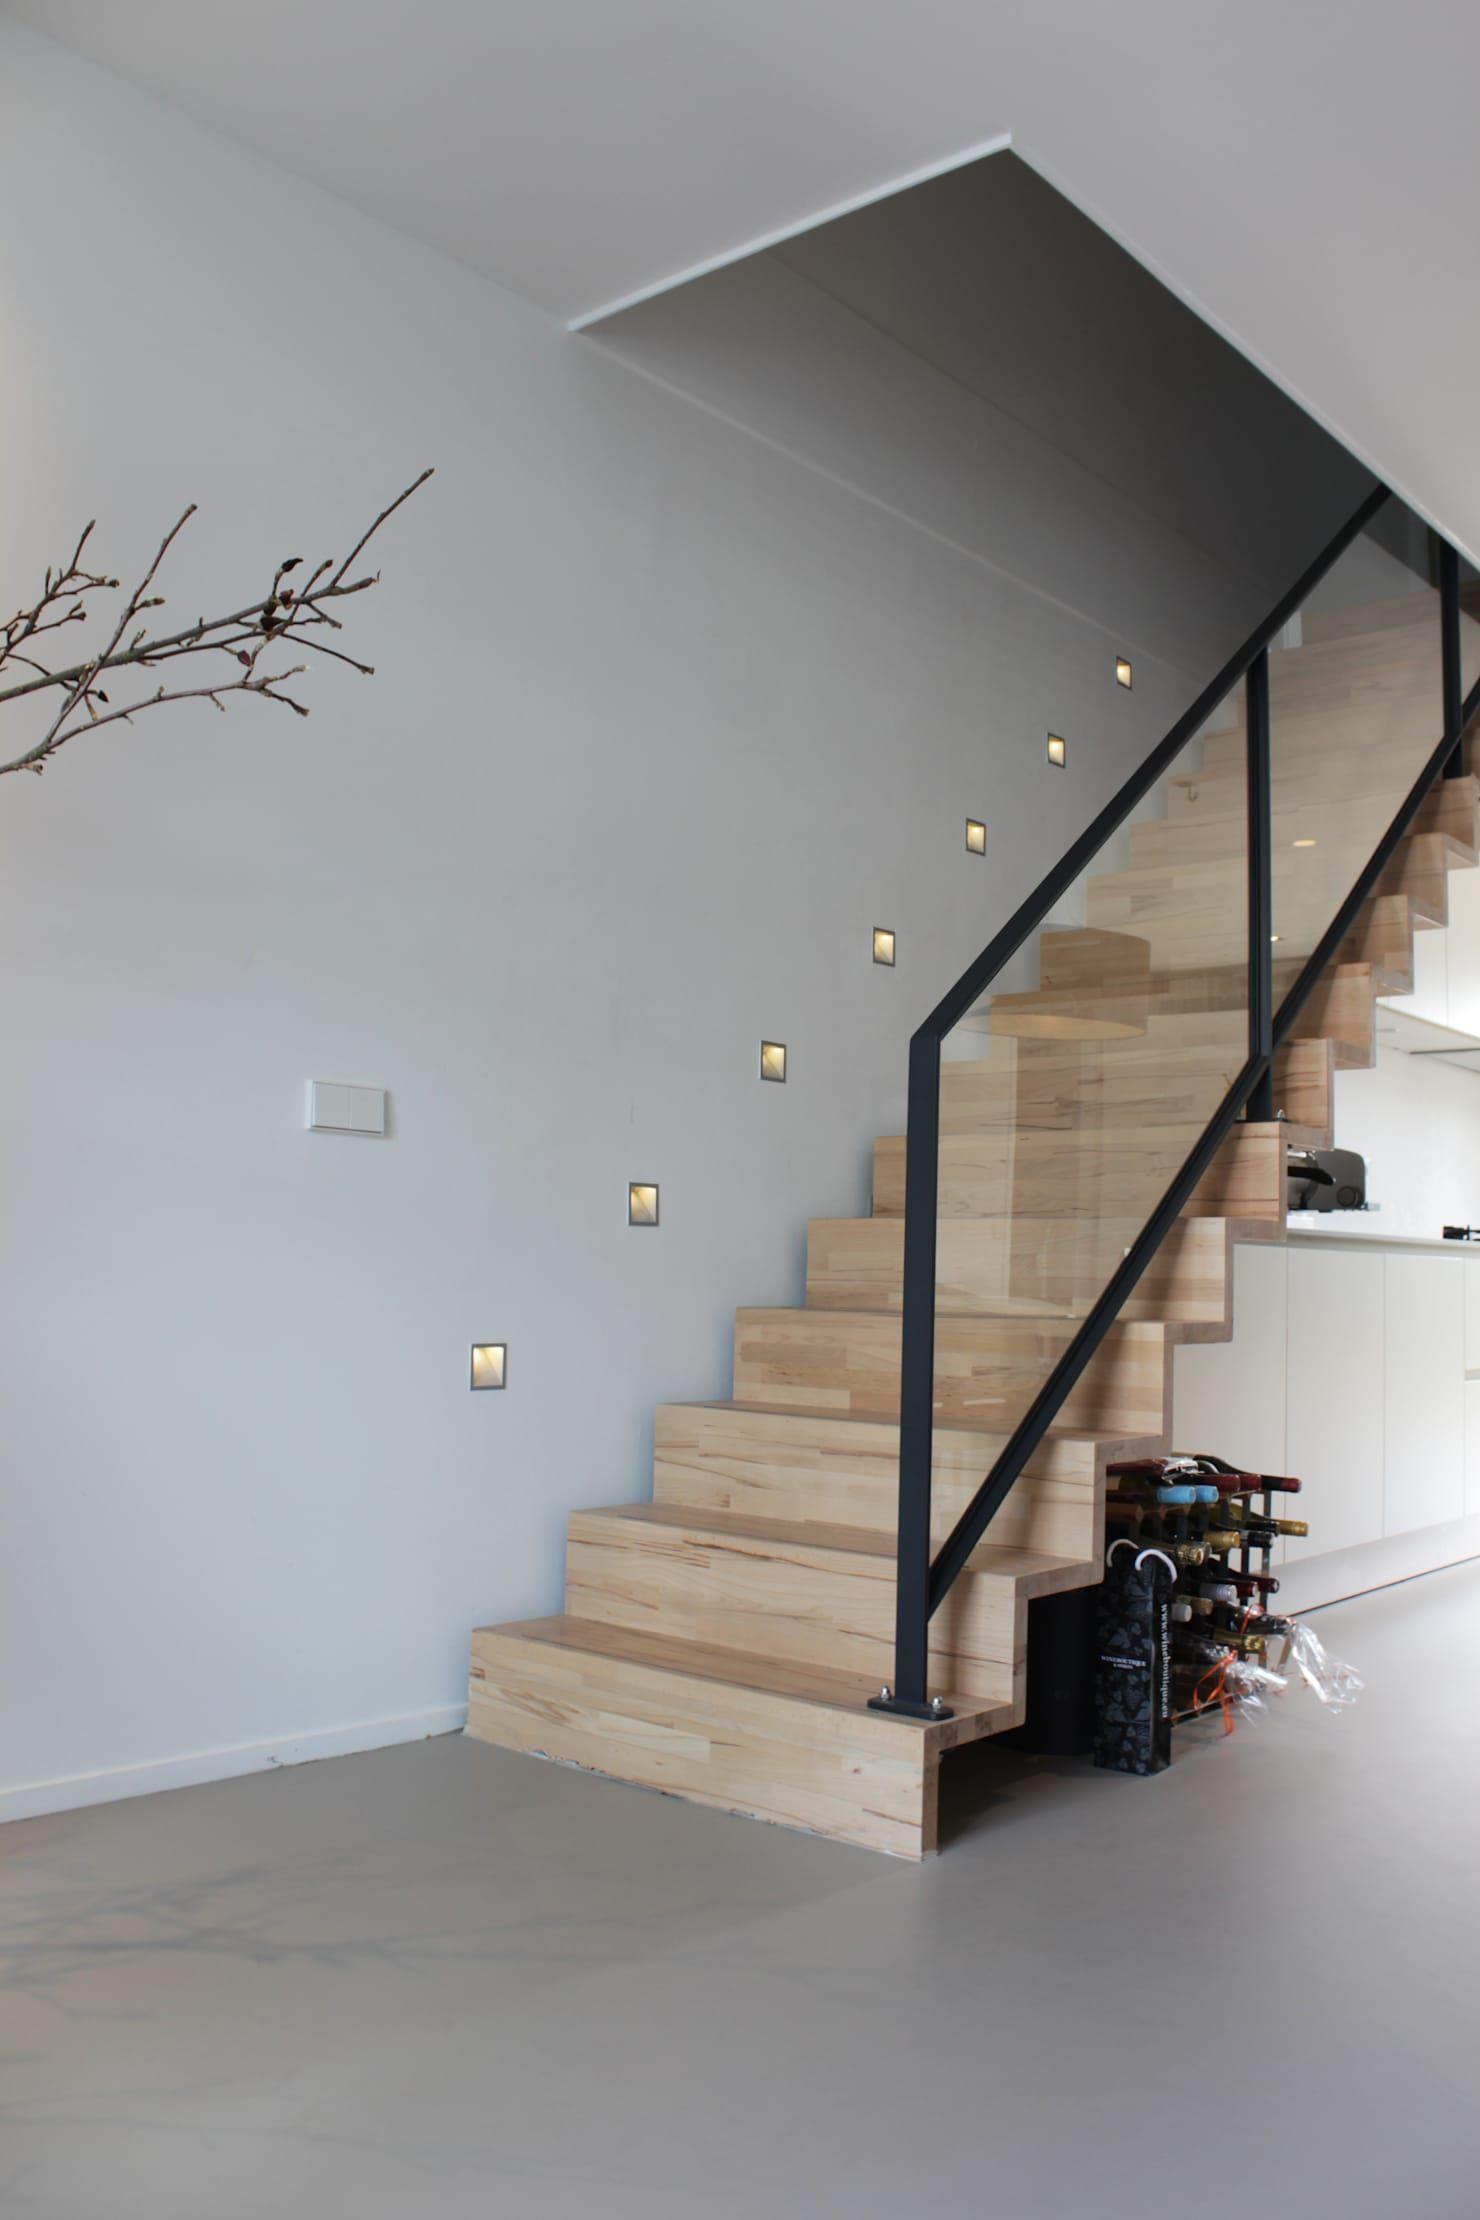 Pu-gietvloer als basis voor een warm interieur motion gietvloeren gang, hal & trappenhuistrappen